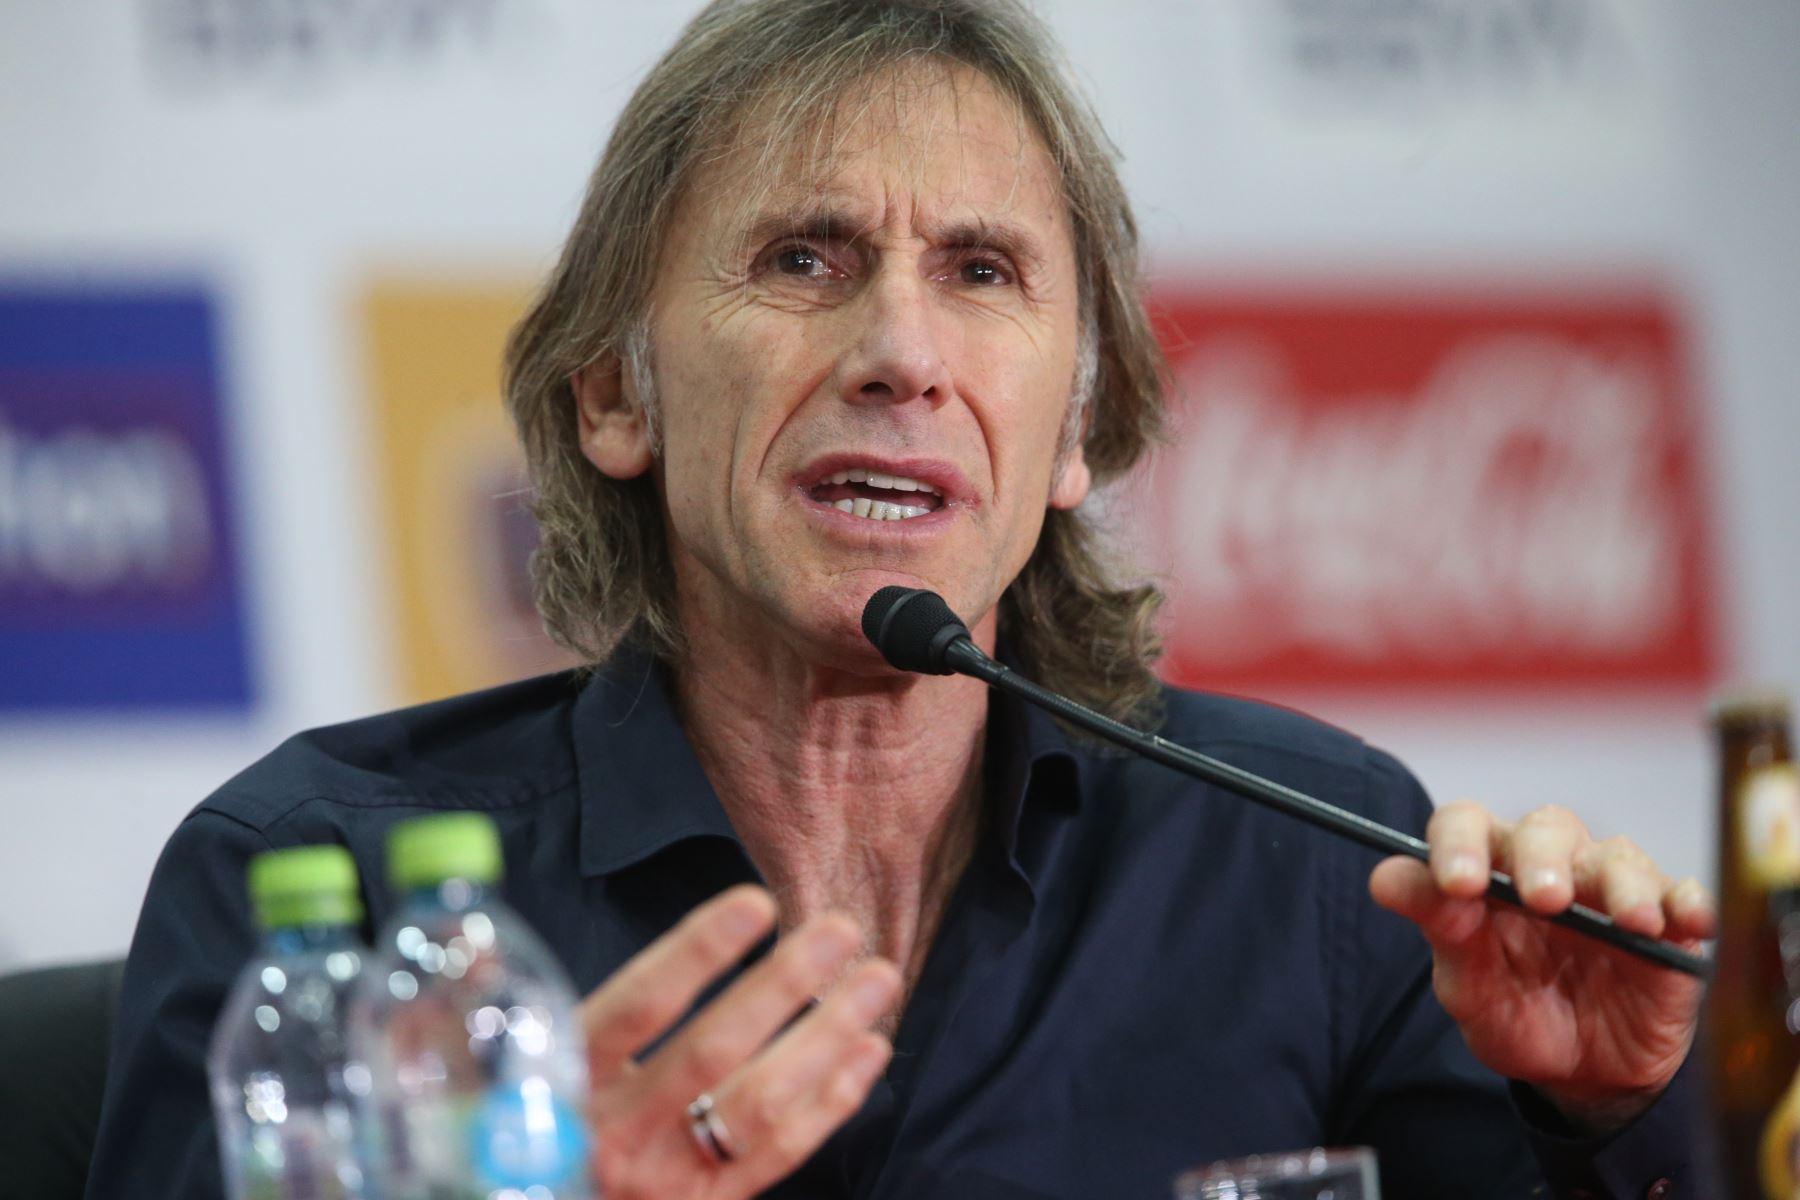 Conferencia de prensa del entrenador Ricardo Gareca sobre la participación de Perú en la Copa AméricaFoto: ANDINA/Norman Córdova